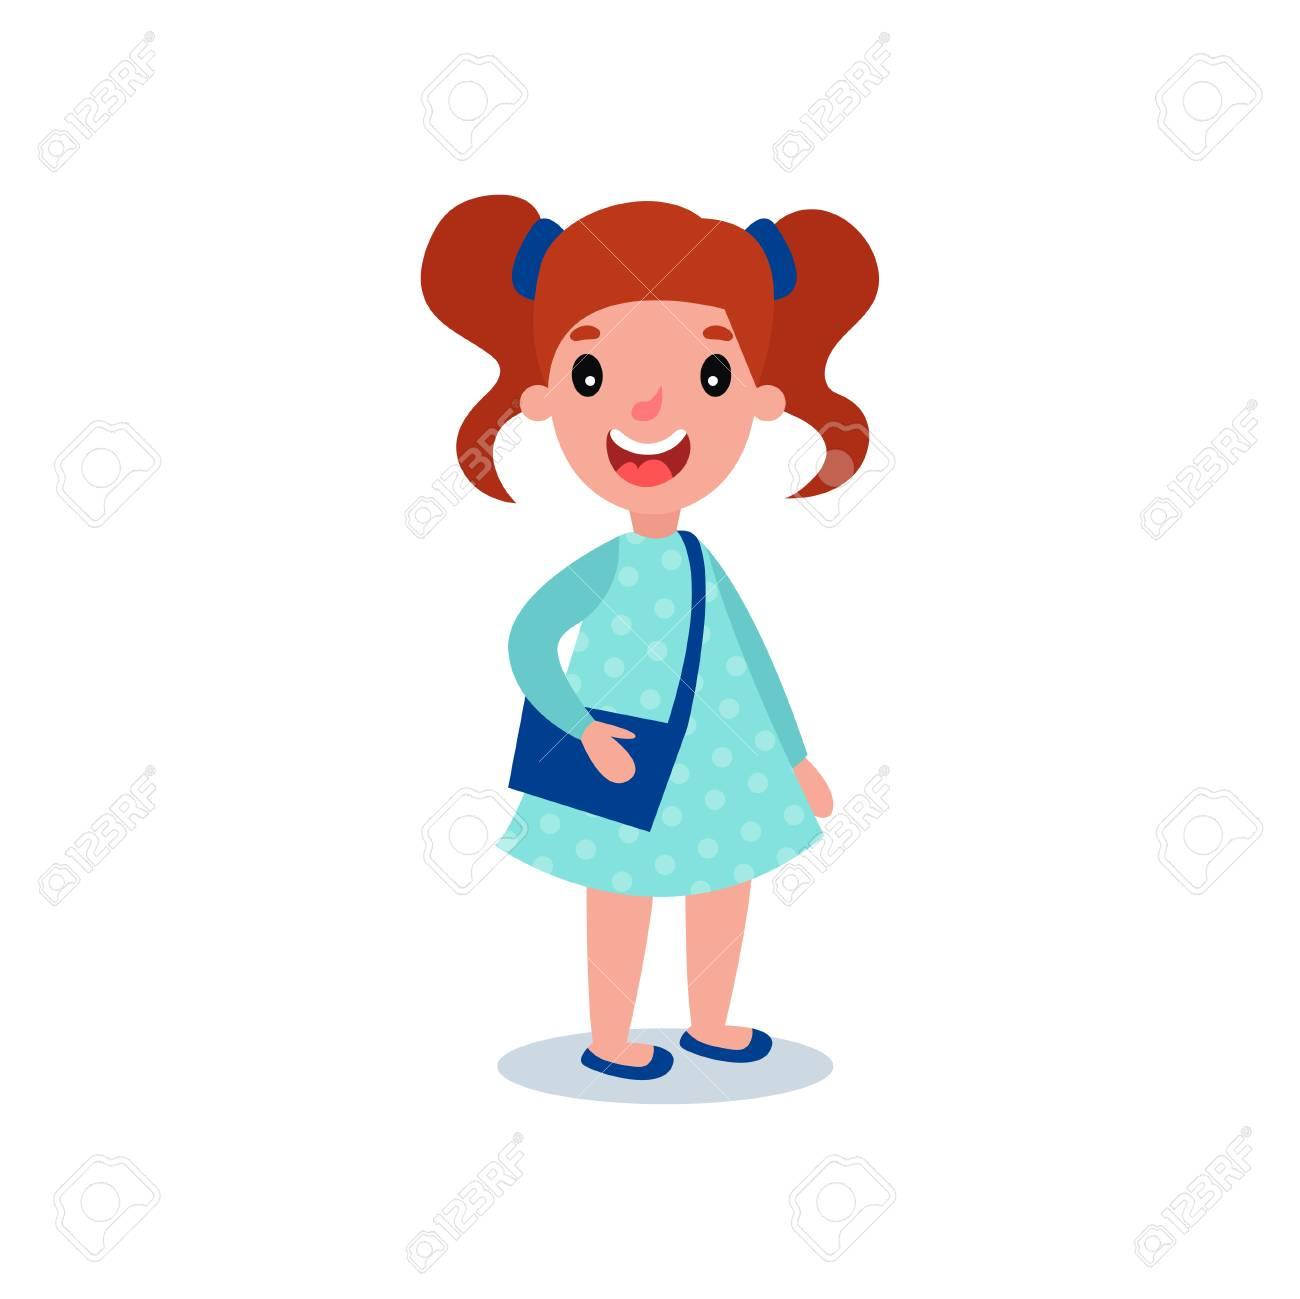 Petite Fille Brune En Tenue Décontractée Robe Bleue à Pois Et Sac à Main Personnage De Dessin Animé Avec Expression Du Visage Heureux Et Tresses